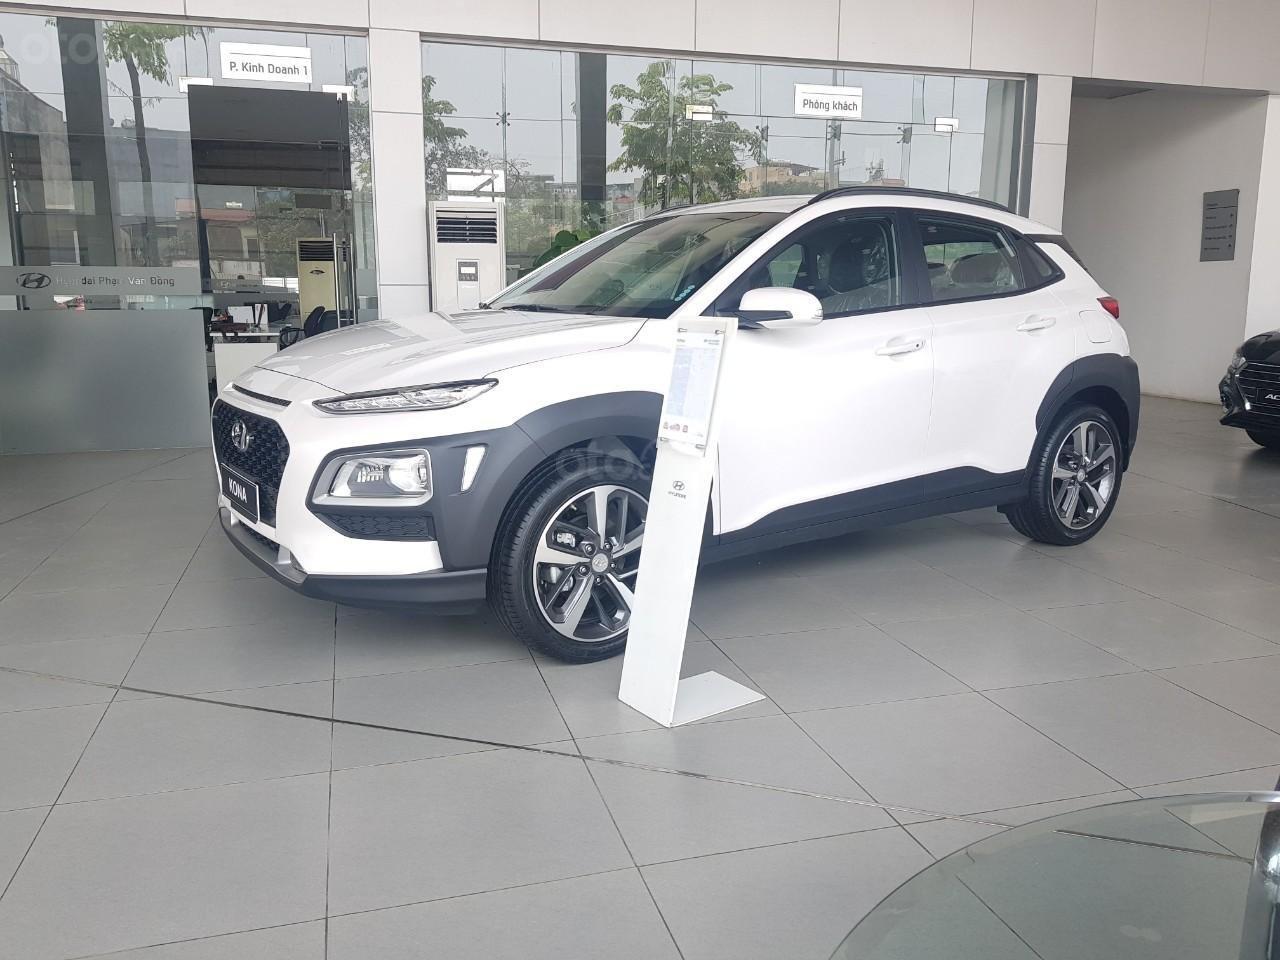 Hyundai Kona 2.0 AT 2019 giao ngay, giảm tiền mặt trên 40tr, trả góp 85%, LH: 0902 235 123 (2)